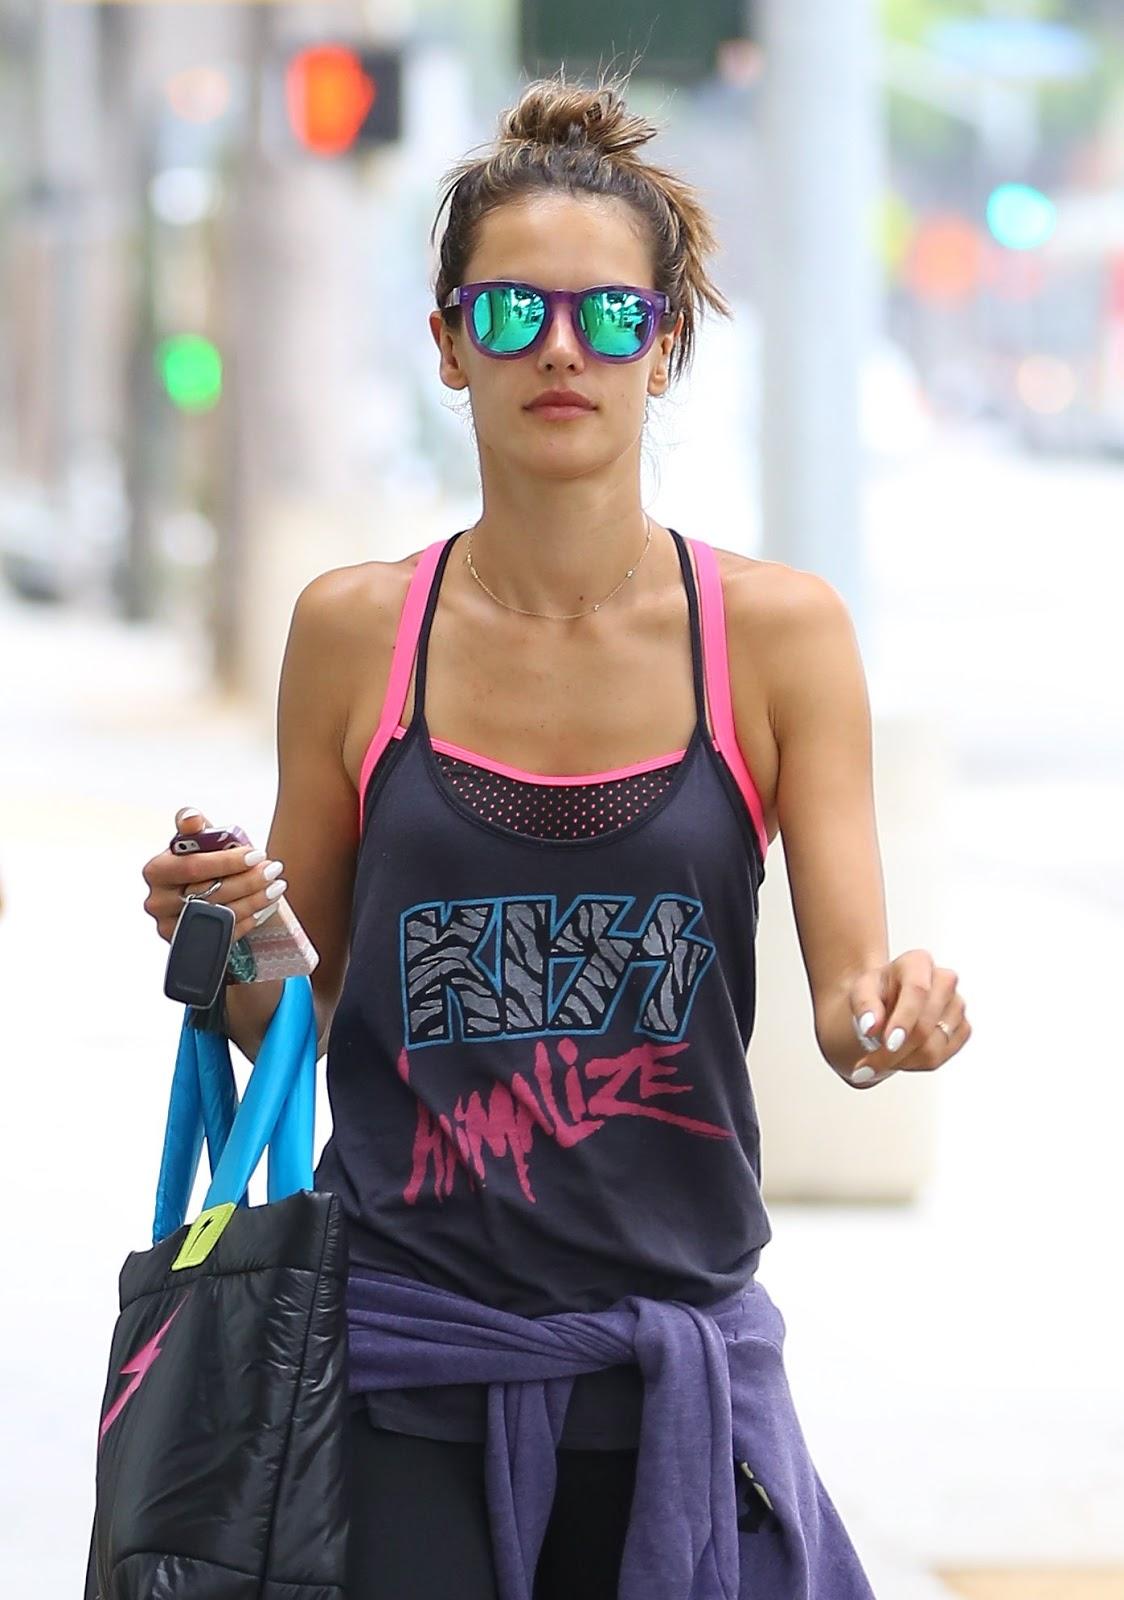 http://1.bp.blogspot.com/-Rkl8JpFOJq0/UcBi5PpzbAI/AAAAAAAAiCk/gzMaRvZLiWo/s1600/Alessandra+Ambrosio+-+leaving+Yoga+class+in+Brentwood-June+17,+2013-08.jpg